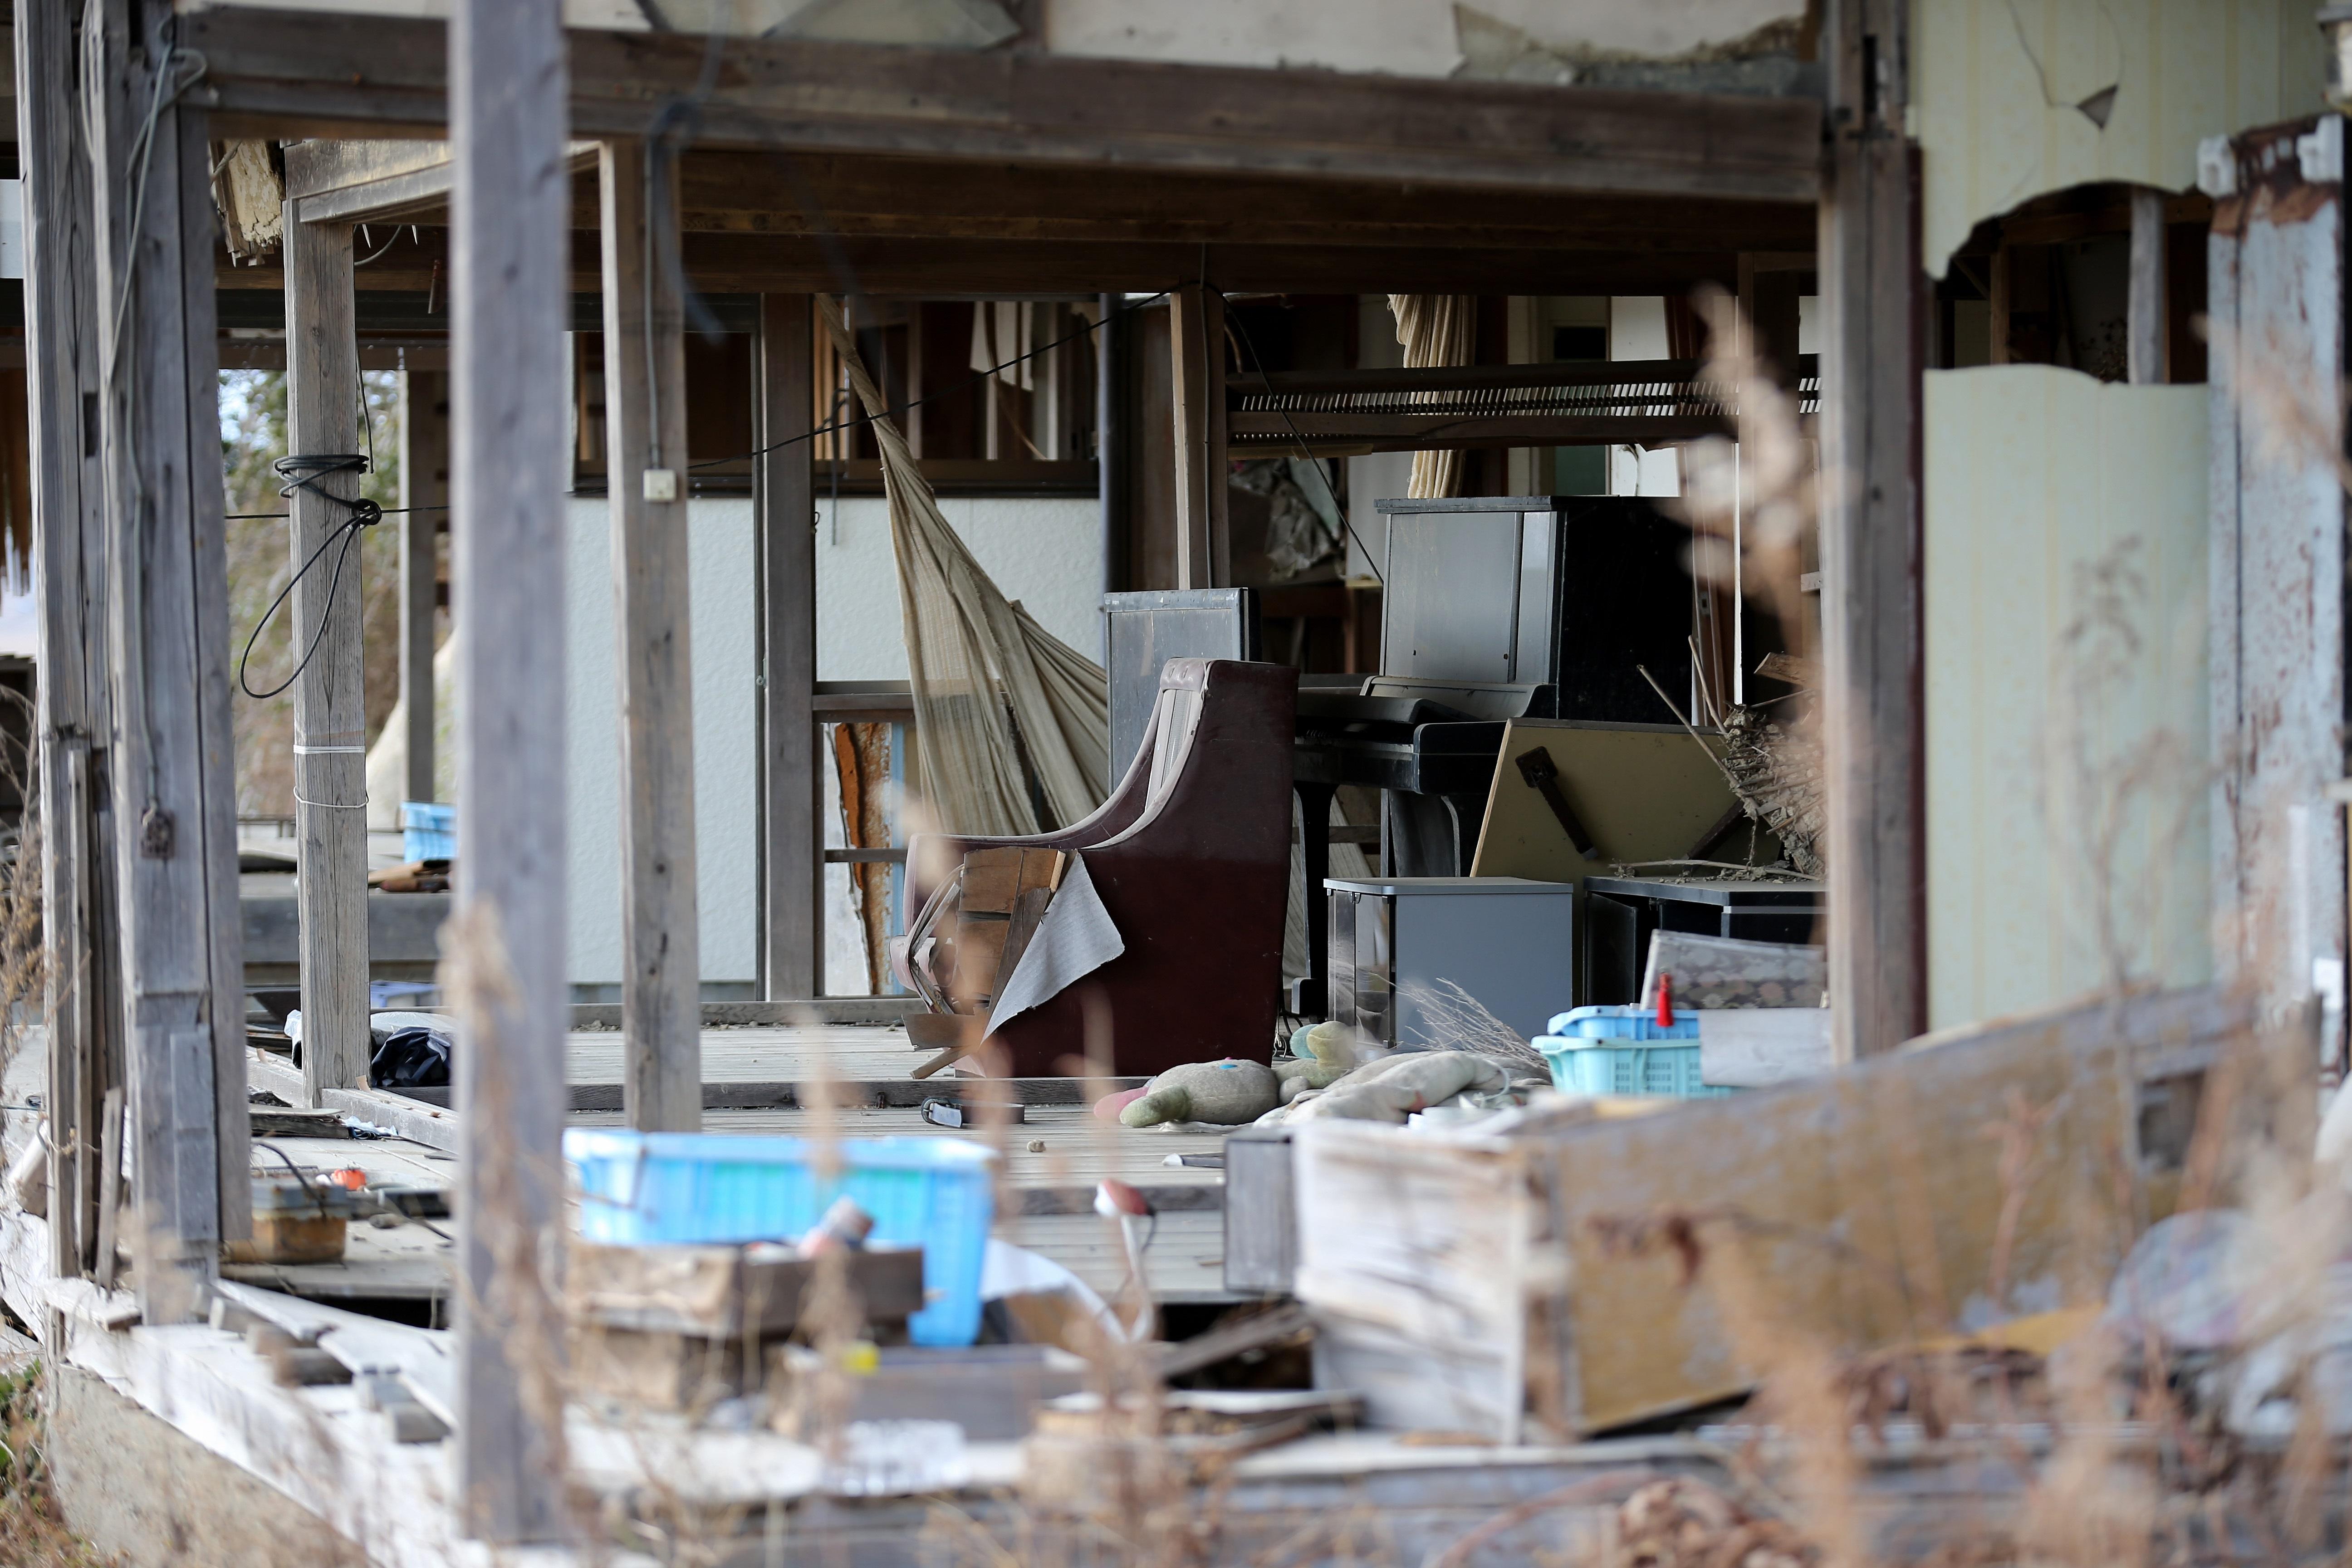 Gрадската зона край японската ядрена централа изглежда като извадена от апокалиптичен филм – недокосната и необитаема